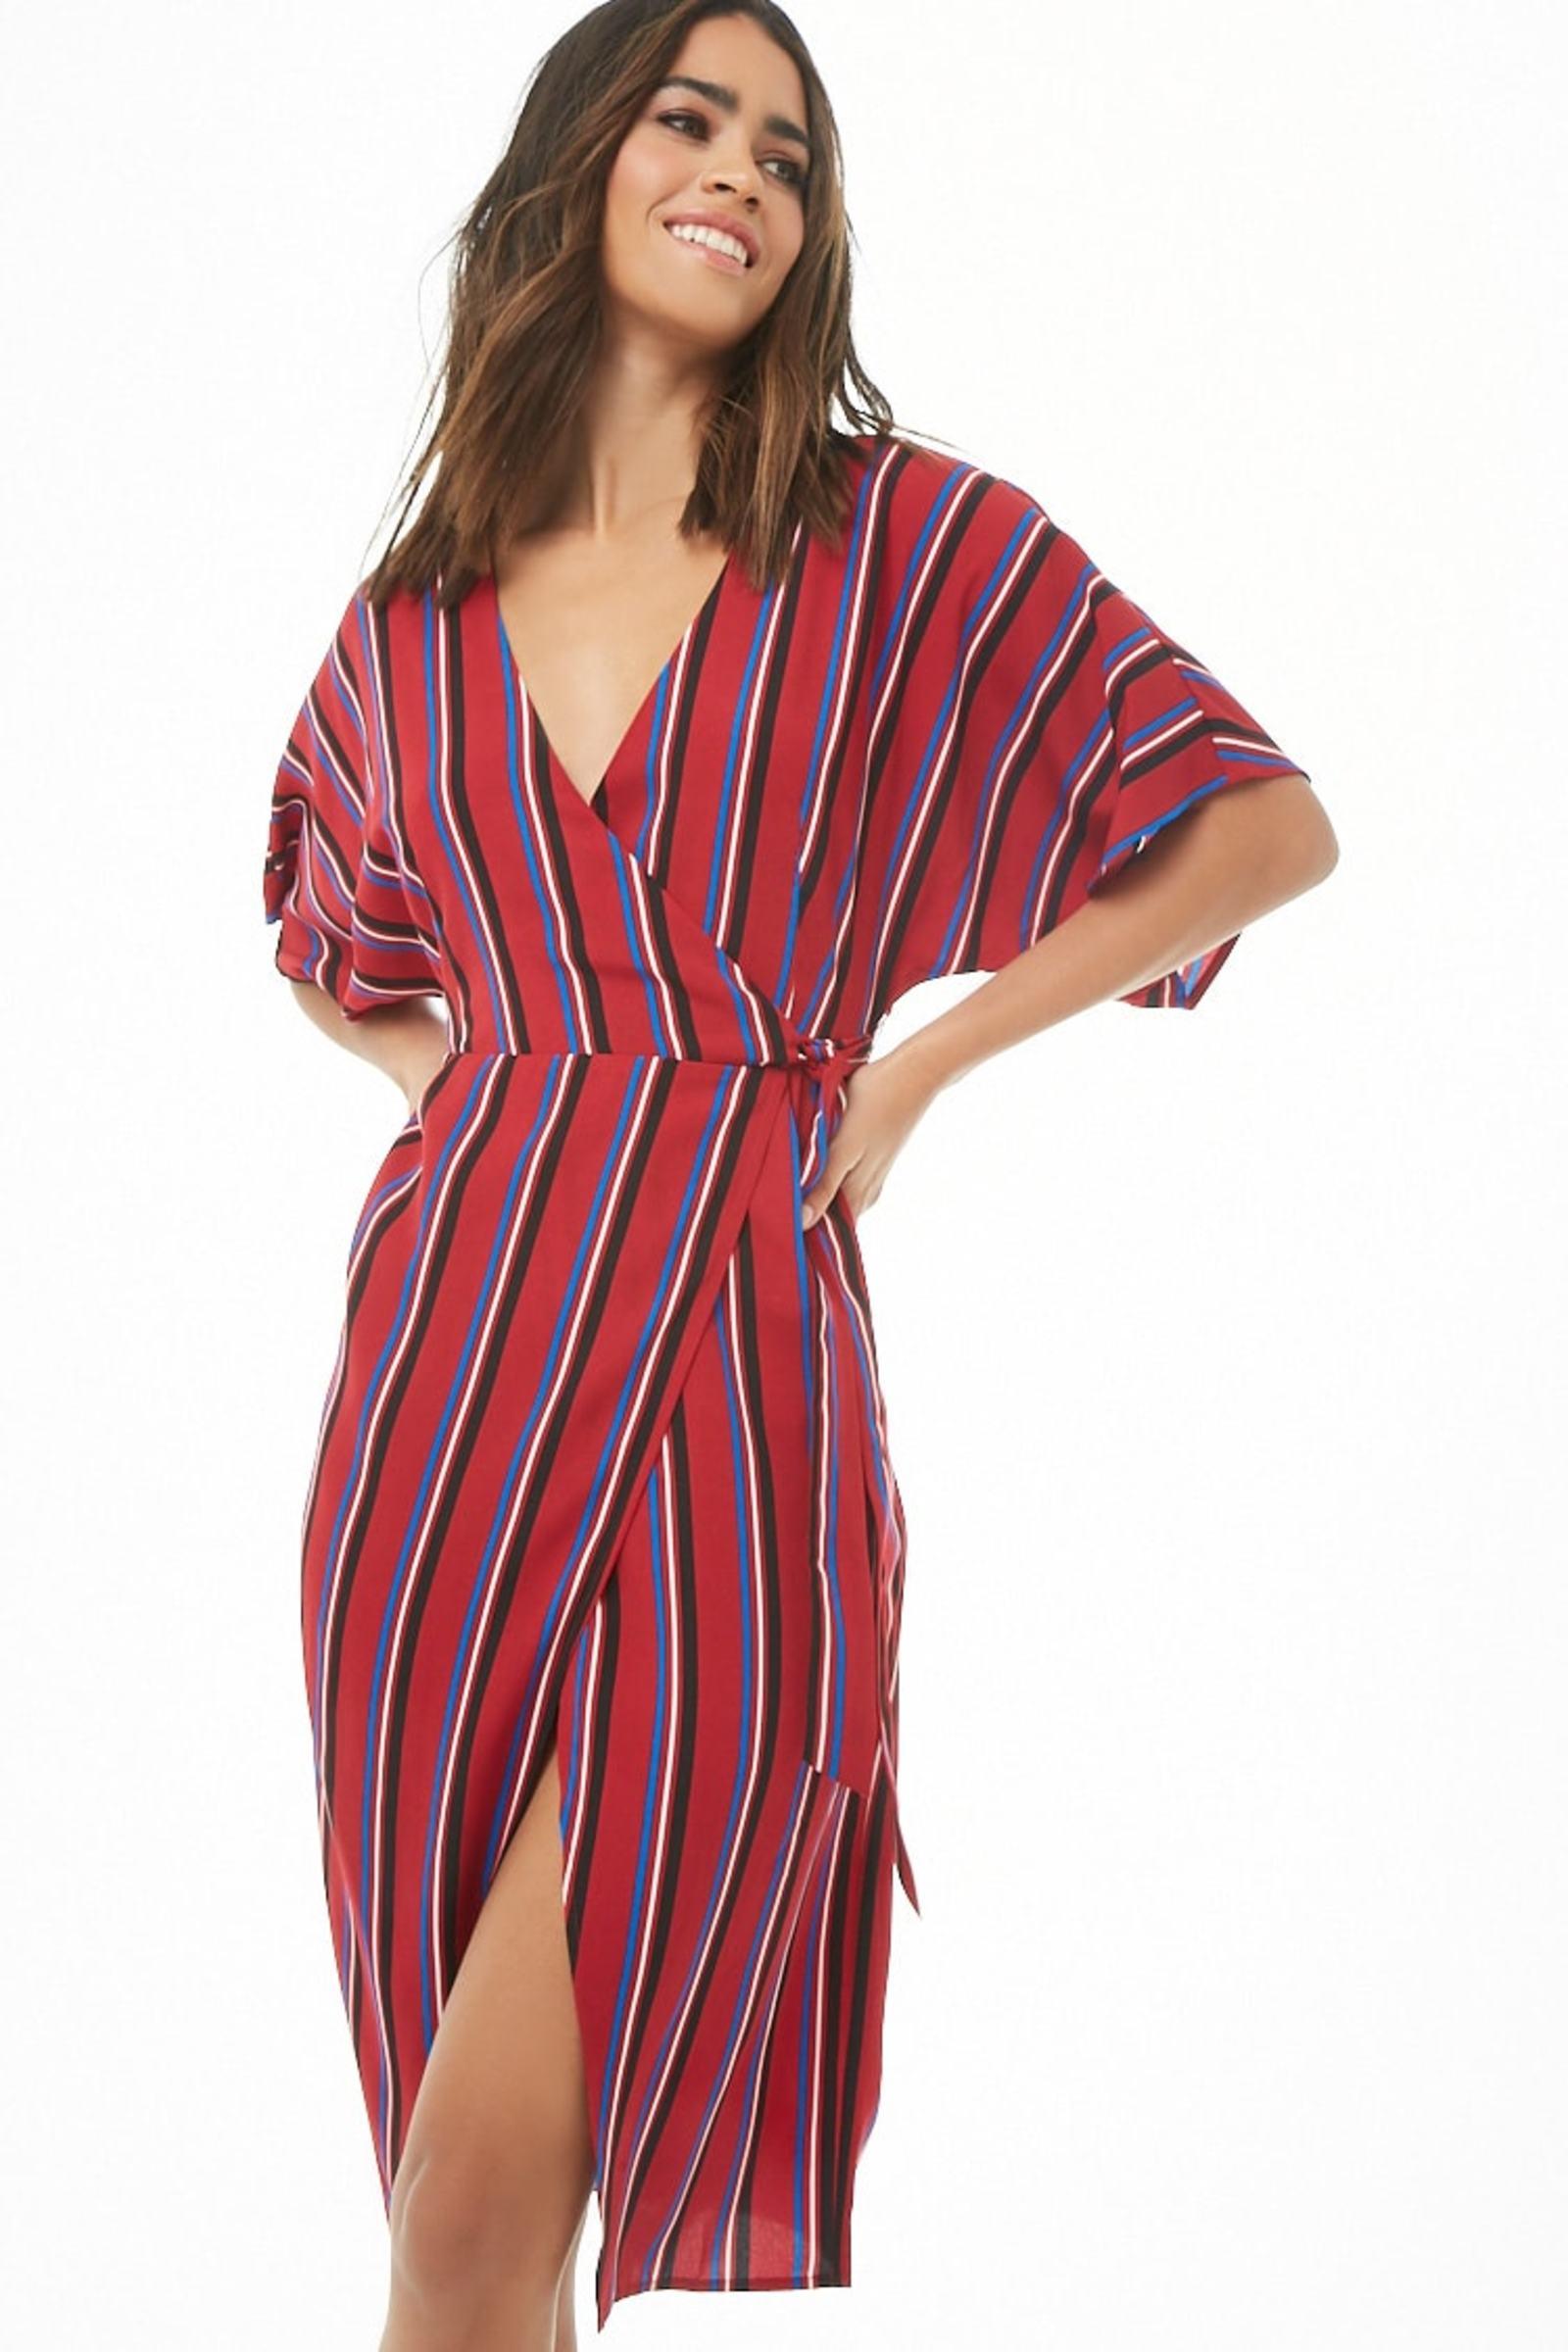 8b1cd8712d1 Tendencias de moda 2019, El Siglo de Torreón